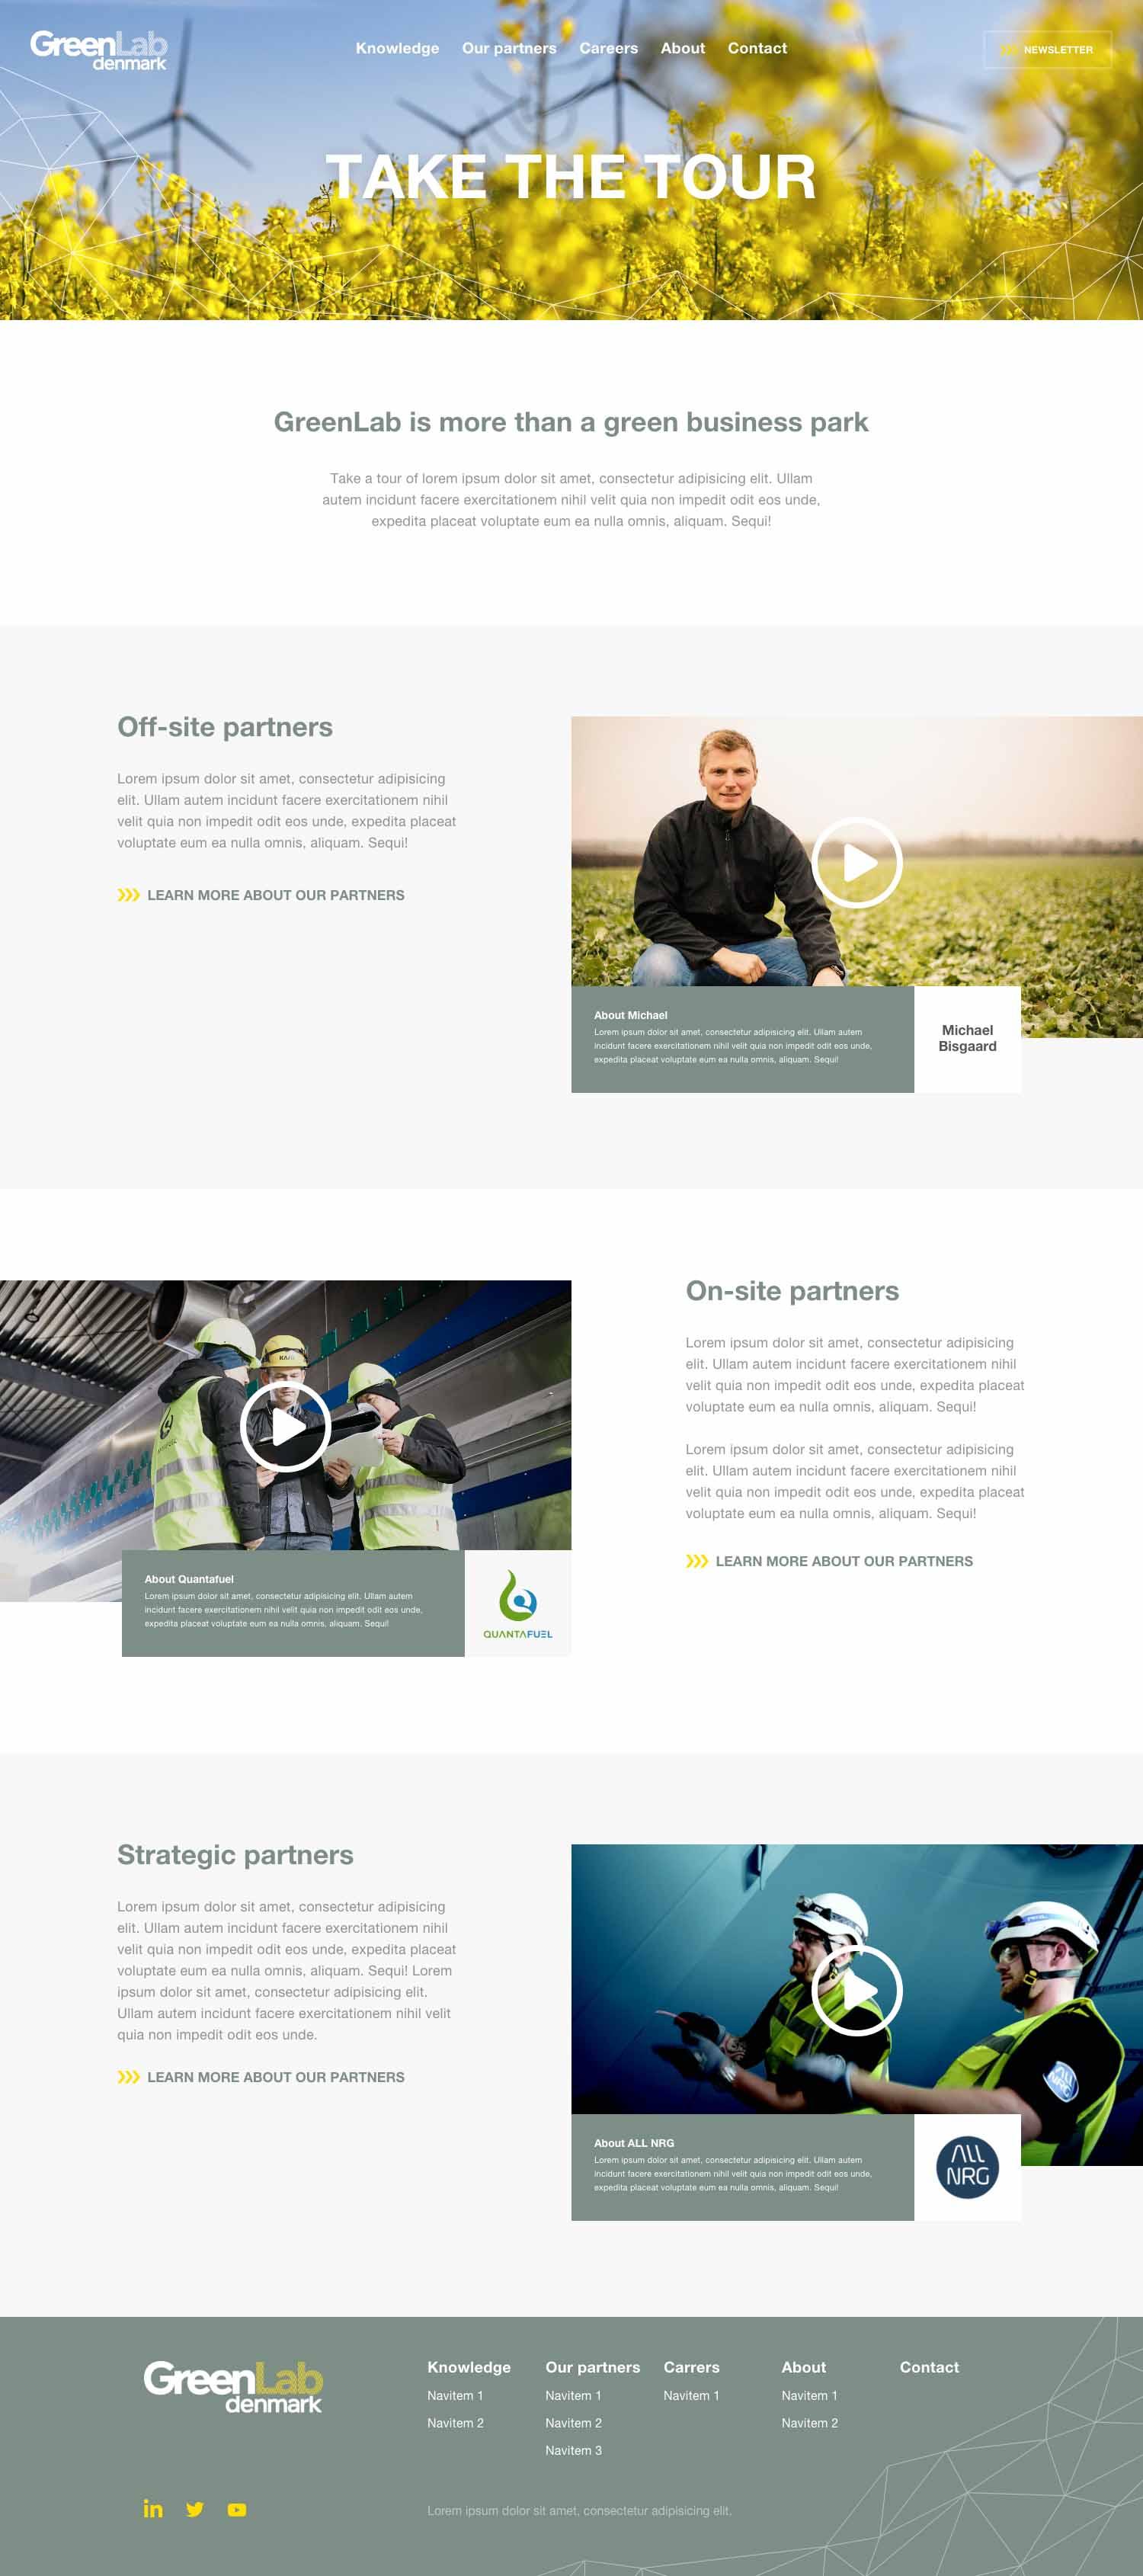 Billede der viser design på en underside af GreenLabs nye hjemmeside